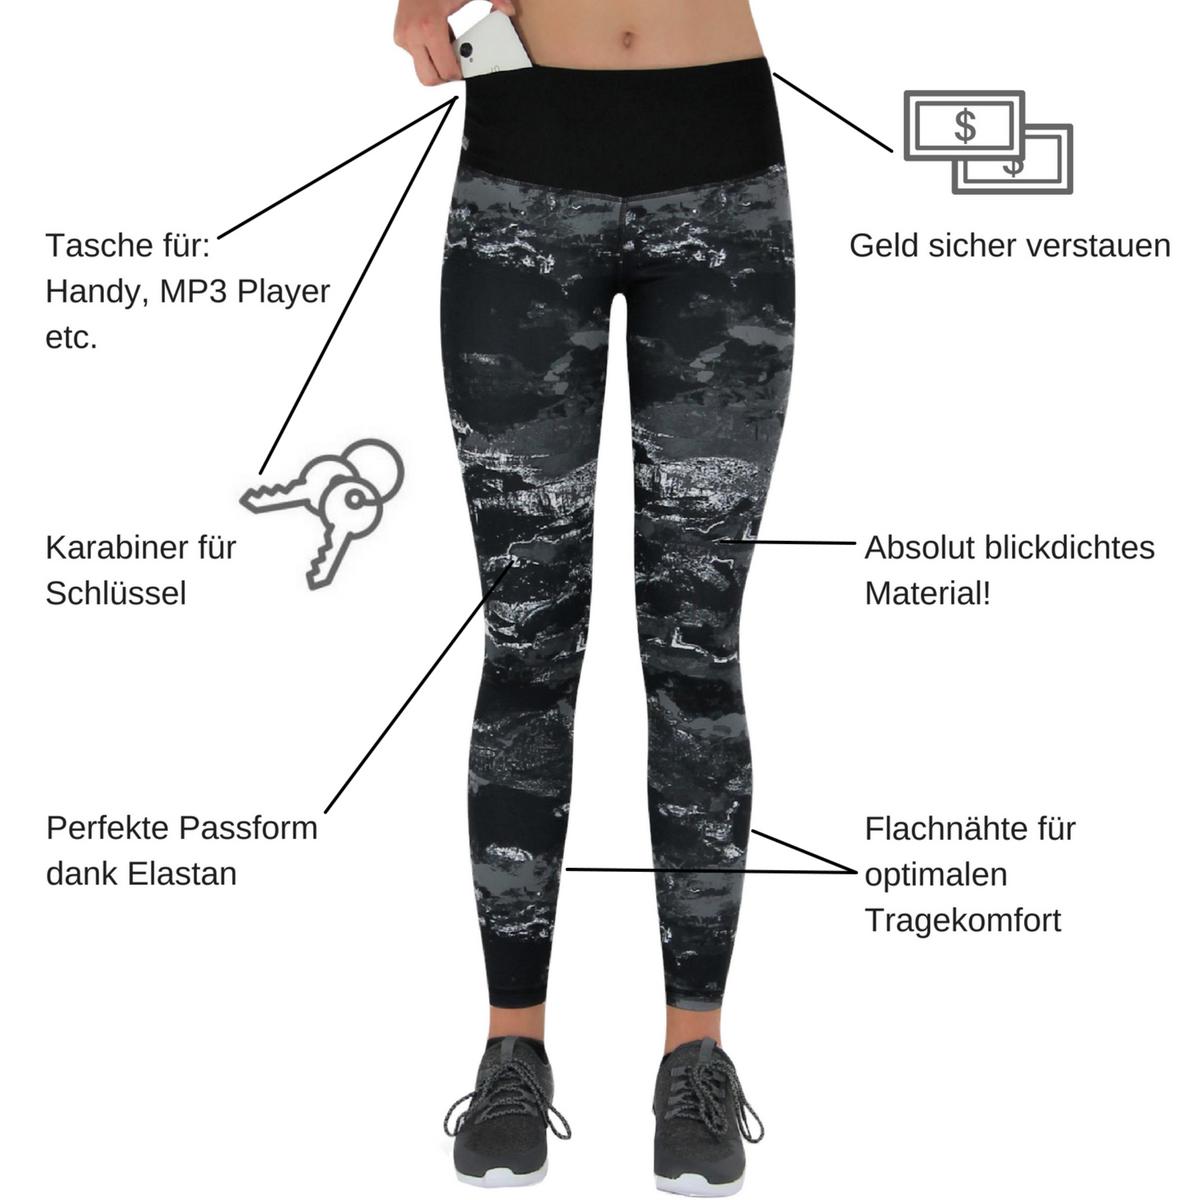 sport-damen-leggings-mit-taschen-fuer-handy-marmor-infografik